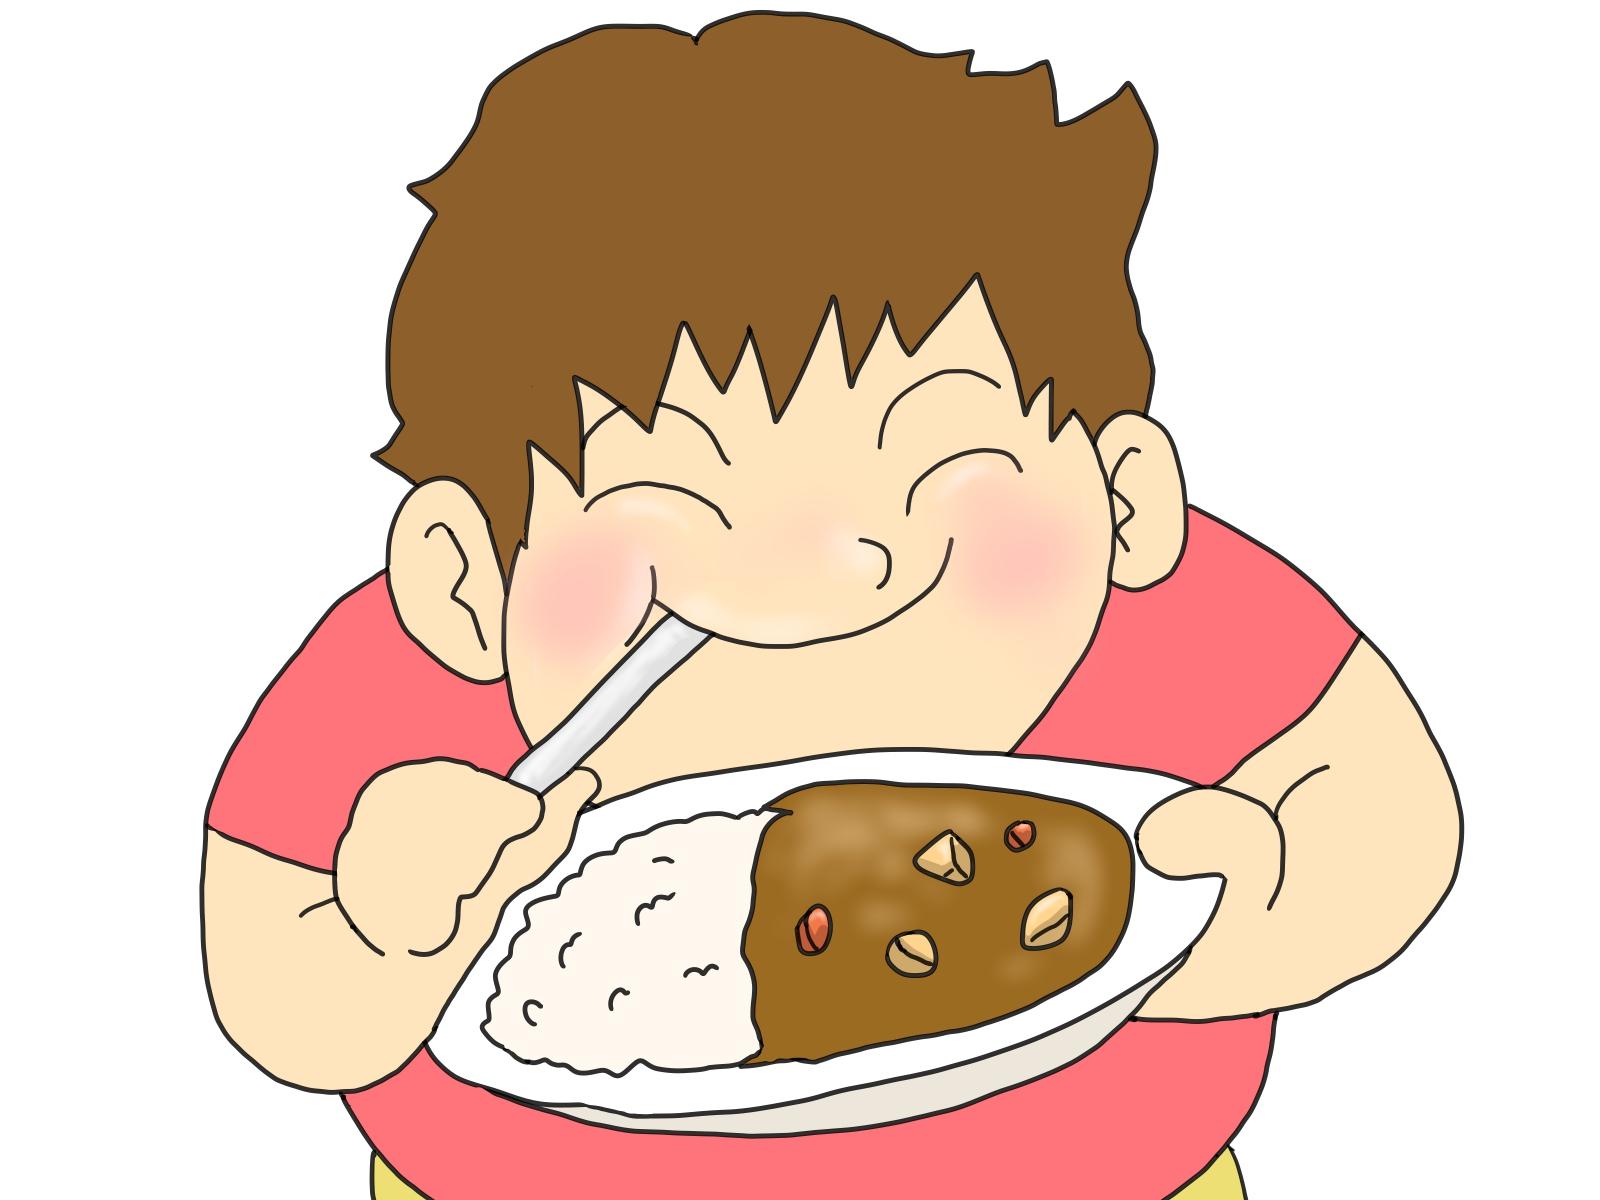 128キロの肥満が原因で痛風を発症。ダイエットで96キロに